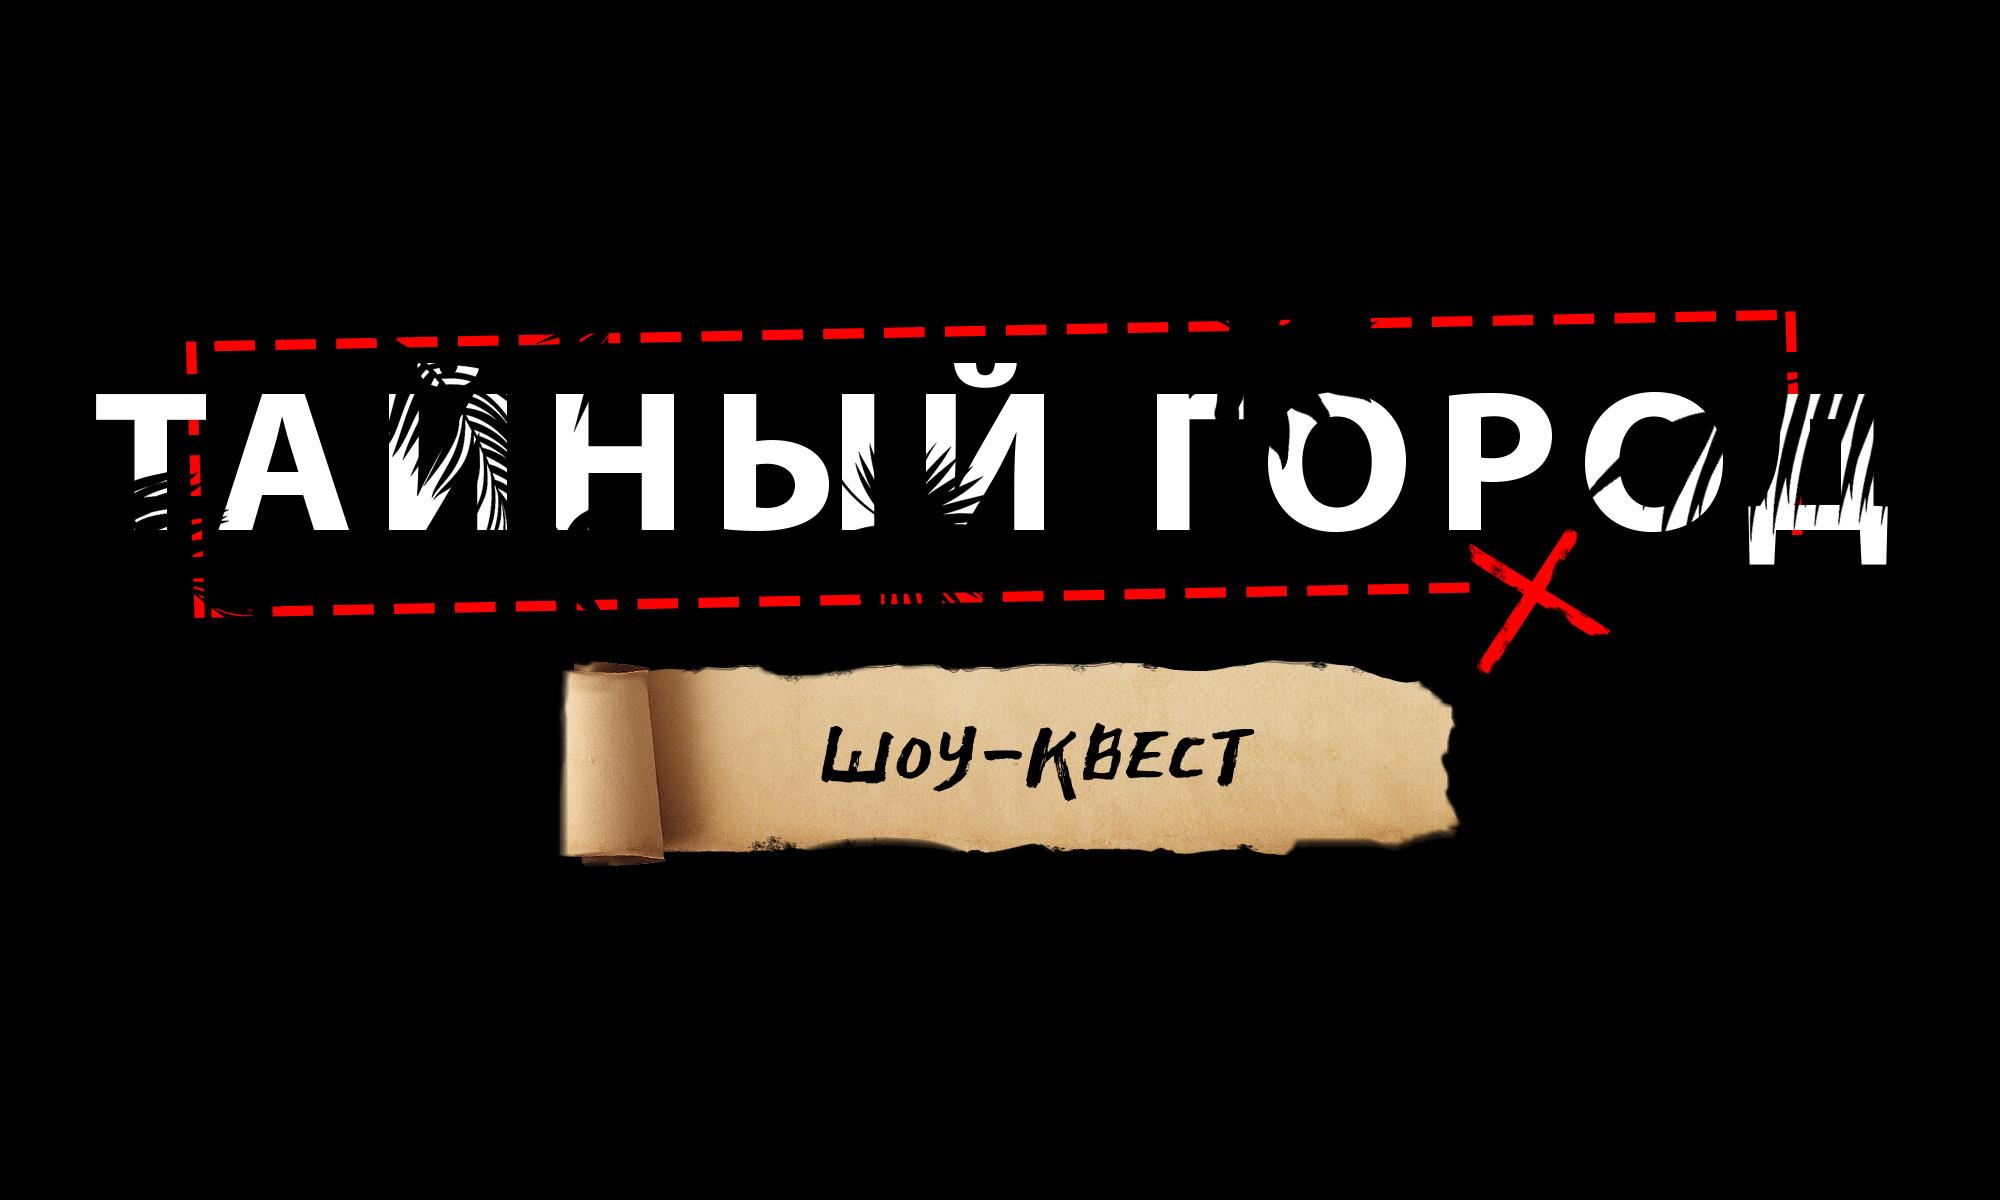 Разработка логотипа и шрифтов для Квеста  фото f_5105b47713990a25.jpg